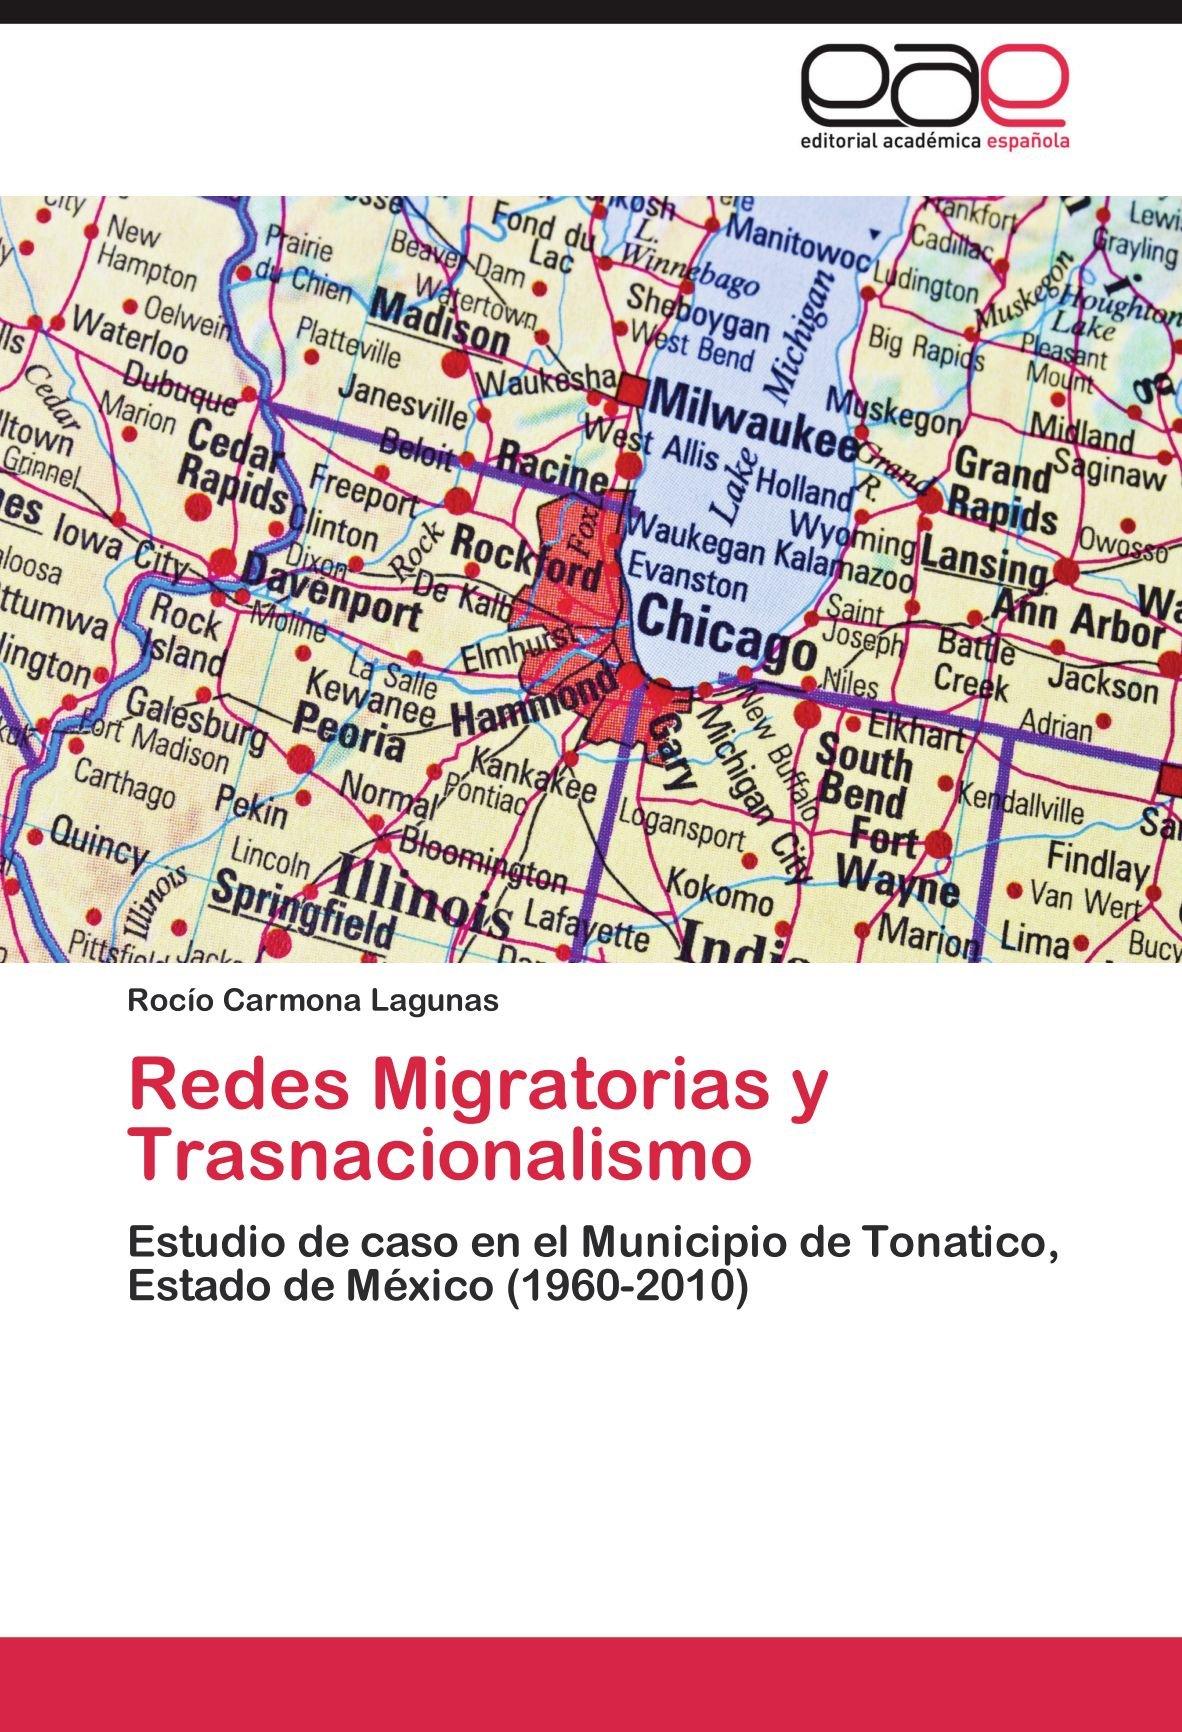 Download Redes Migratorias y Trasnacionalismo: Estudio de caso en el Municipio de Tonatico, Estado de México (1960-2010) (Spanish Edition) ebook